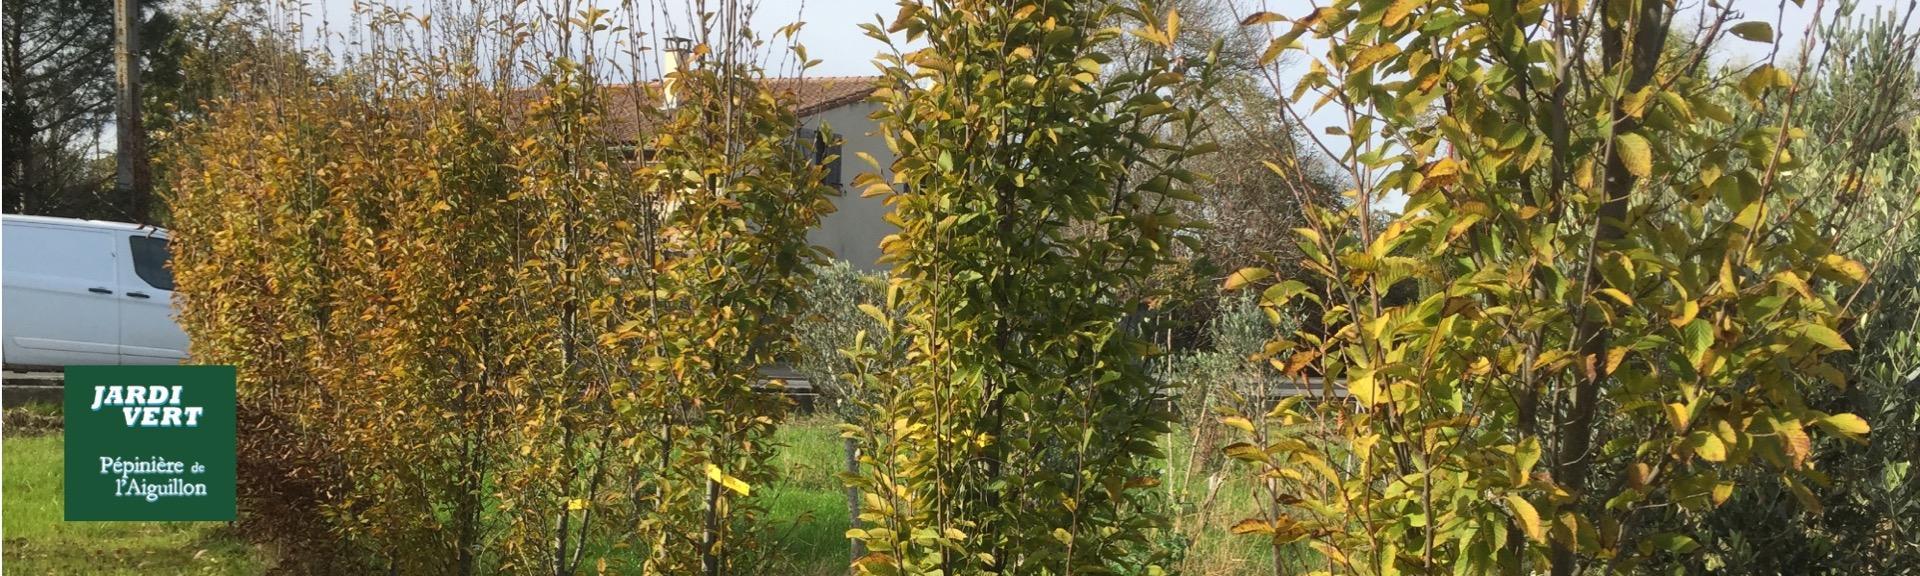 Vente d'arbres aux feuilles colorées - Pépinière de l'Aiguillon producteur Toulouse